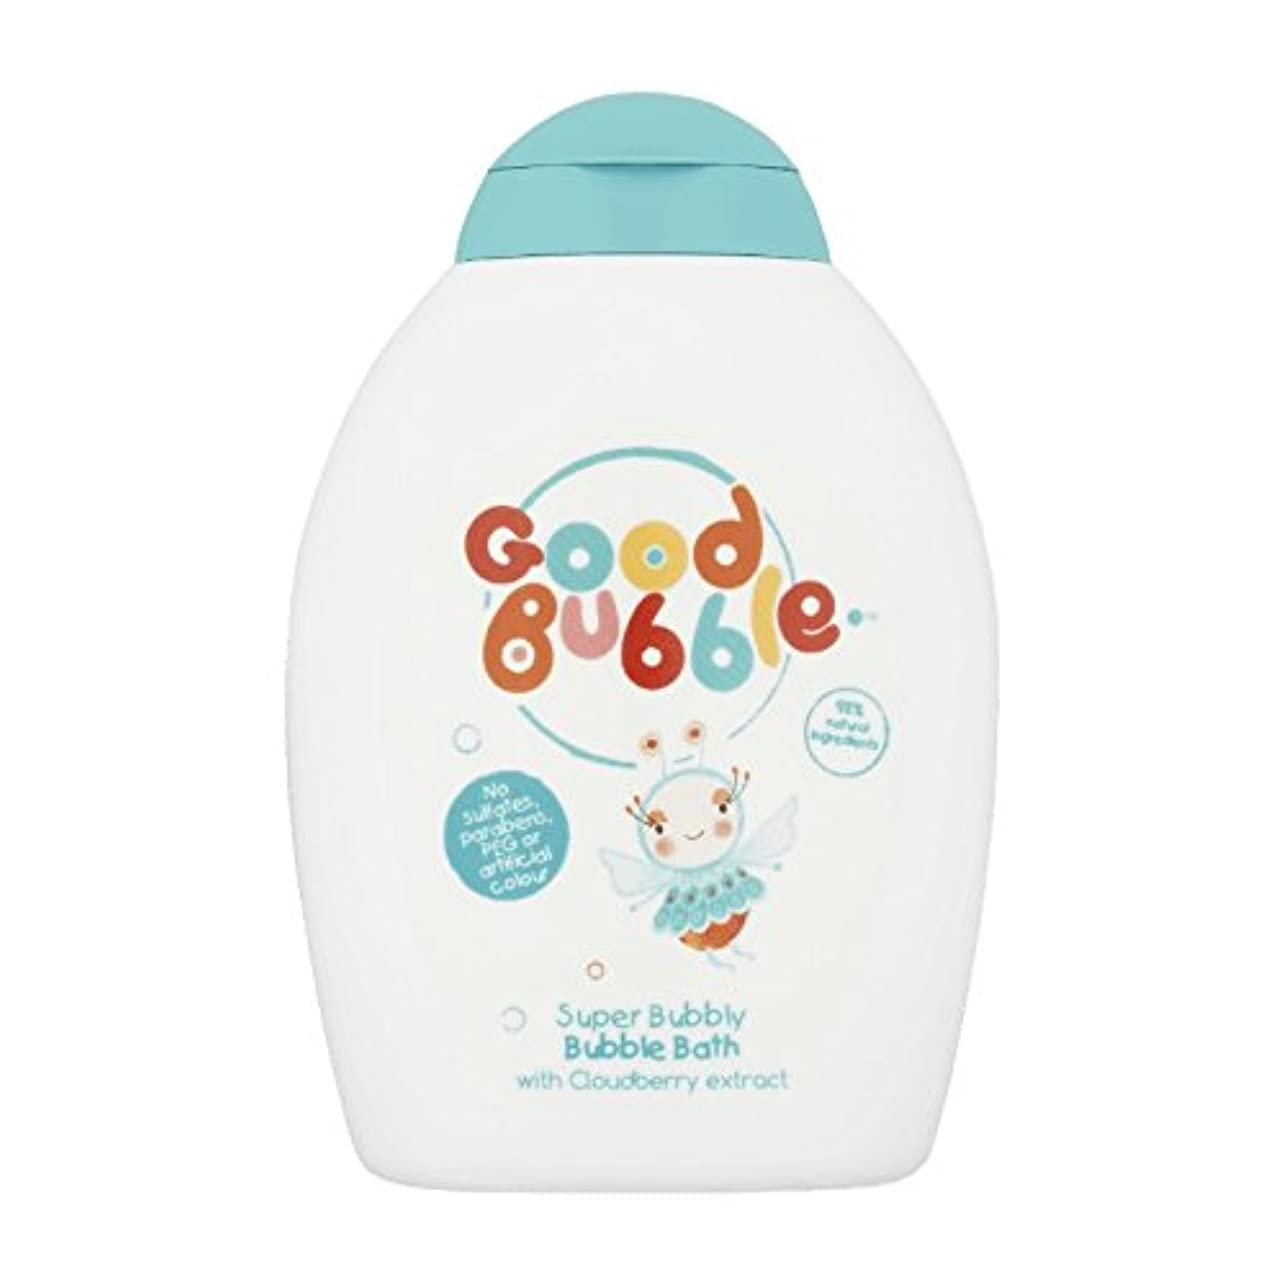 チーム漂流いまGood Bubble Cloudberry Bubble Bath 400ml (Pack of 2) - 良いバブルクラウドベリーバブルバス400ミリリットル (x2) [並行輸入品]